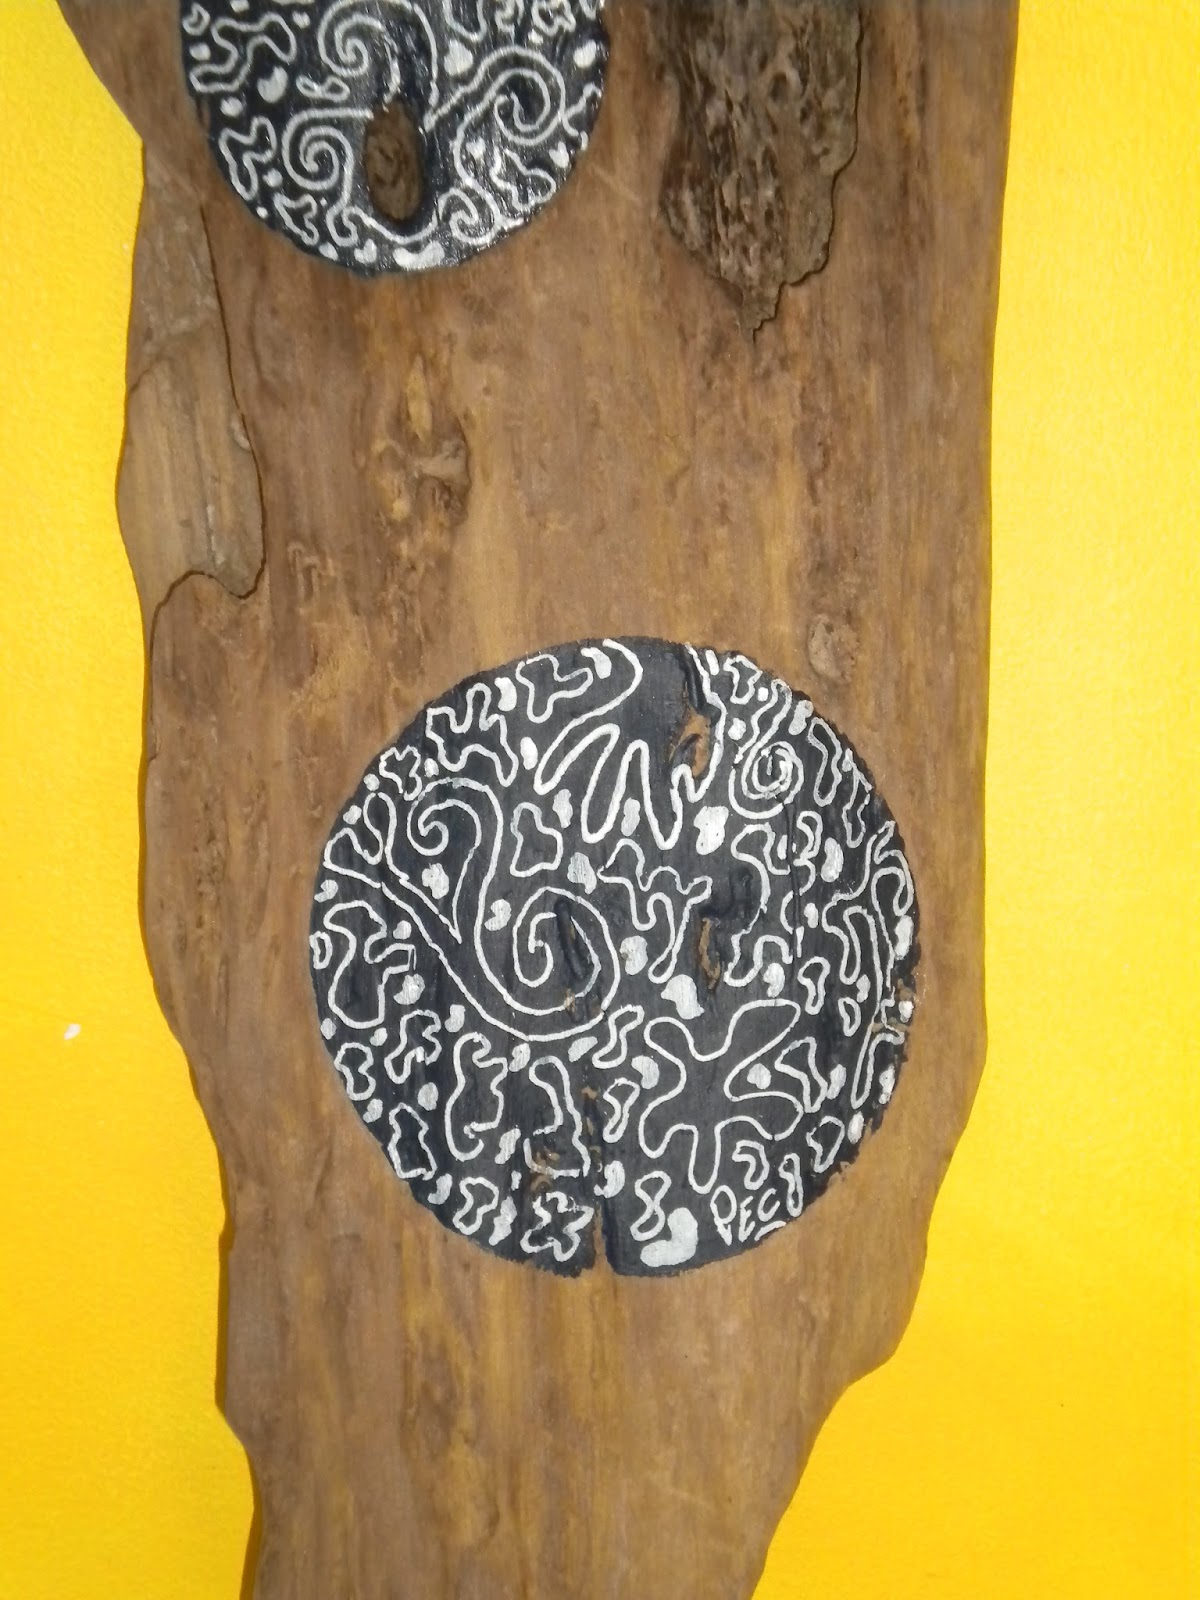 Latelierdepec juillet 2013 for Peinture bois flotte